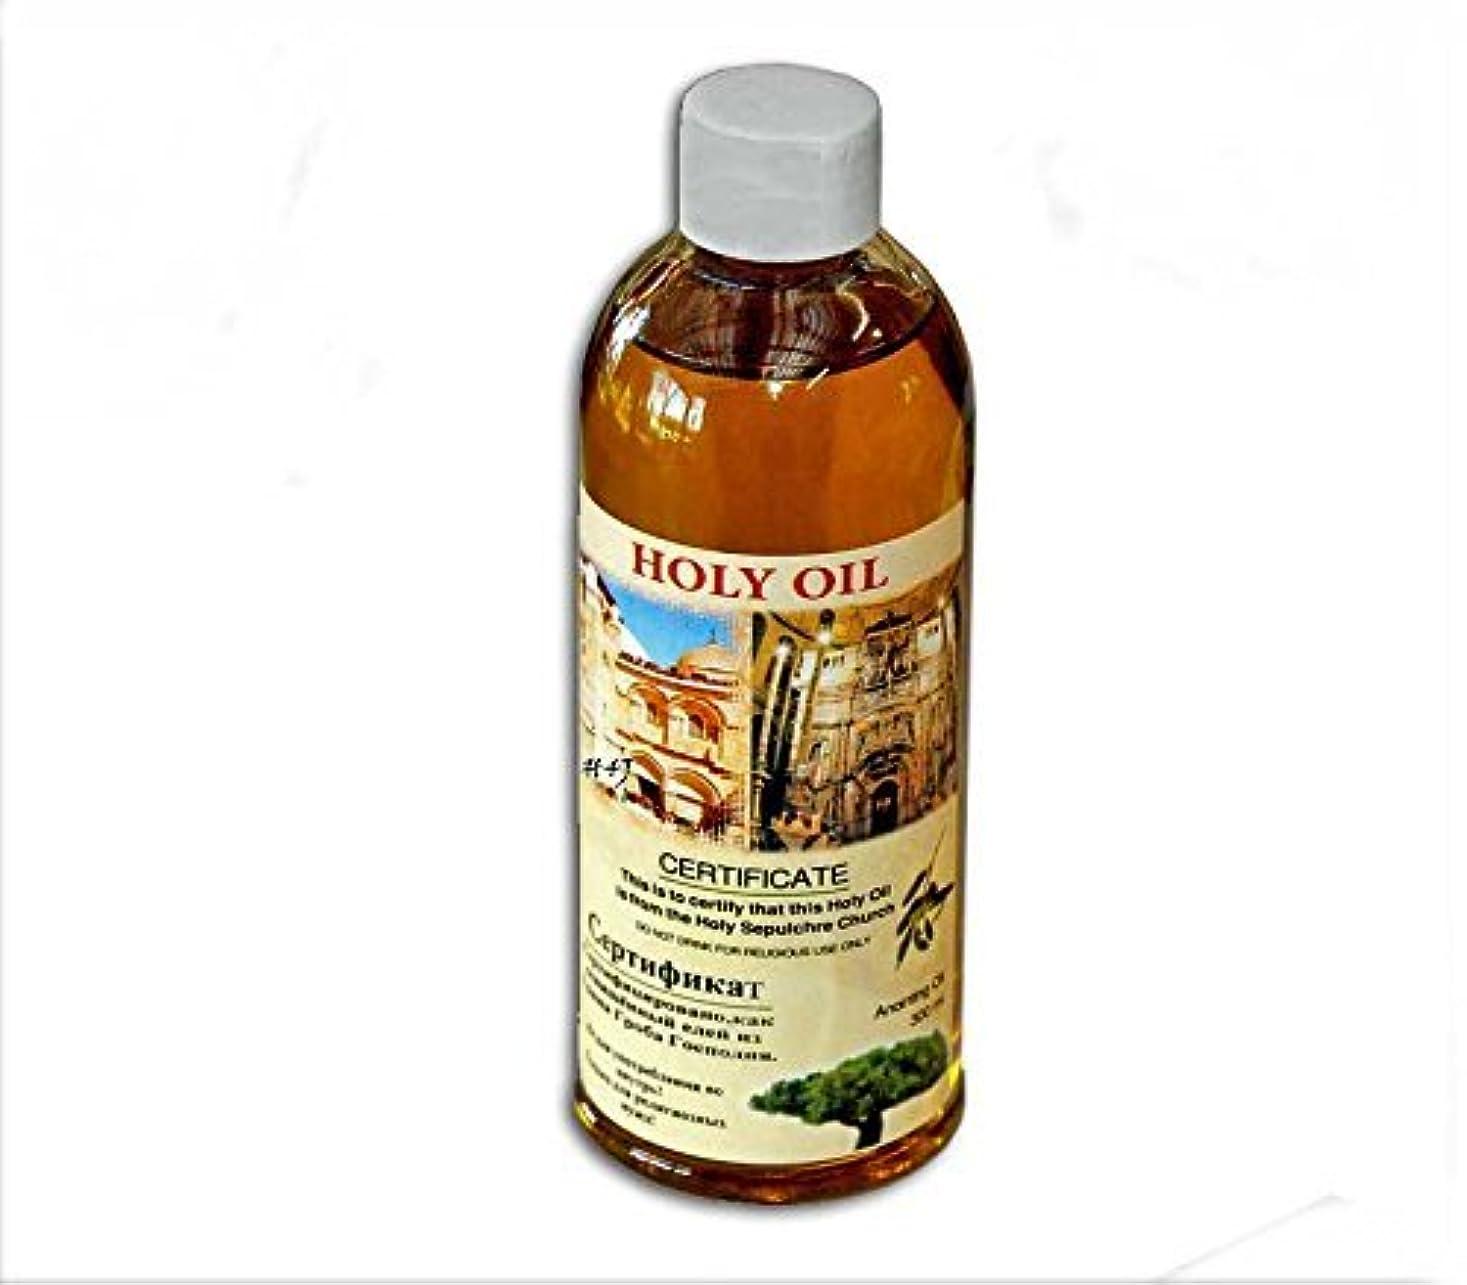 襟顎しっとり60 ml Holy Land AnointingオイルCertificated Blessed小さなボトルからエルサレムbyベツレヘムギフトTM